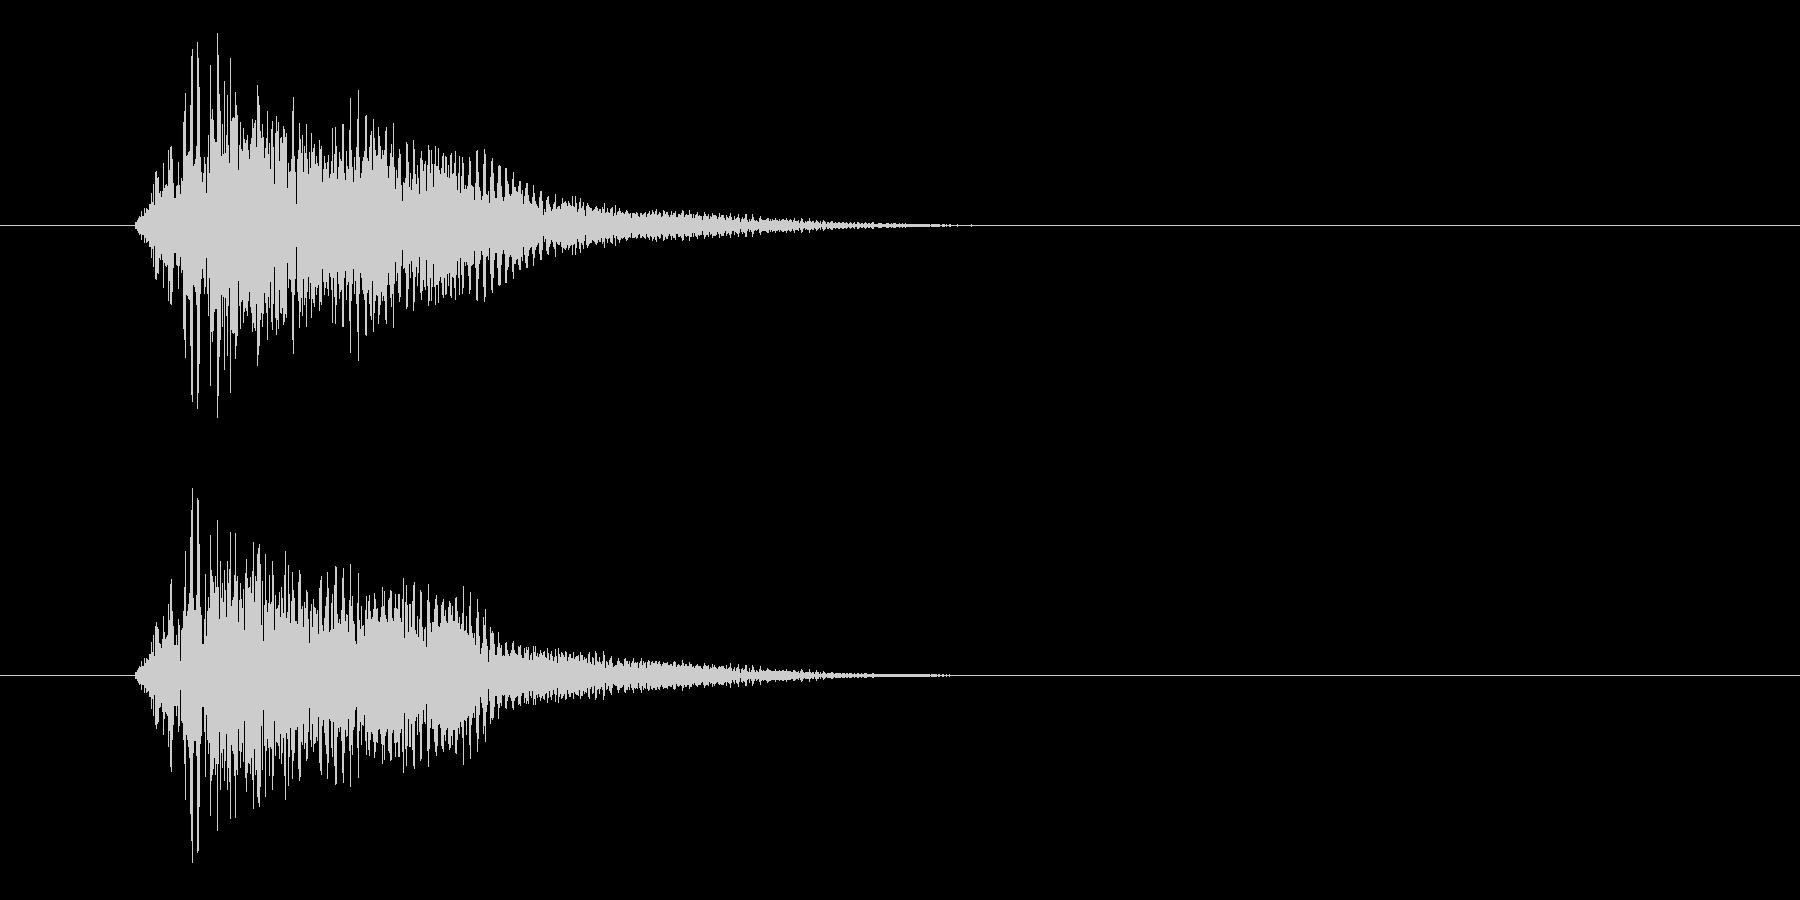 アップ音_m0220の未再生の波形